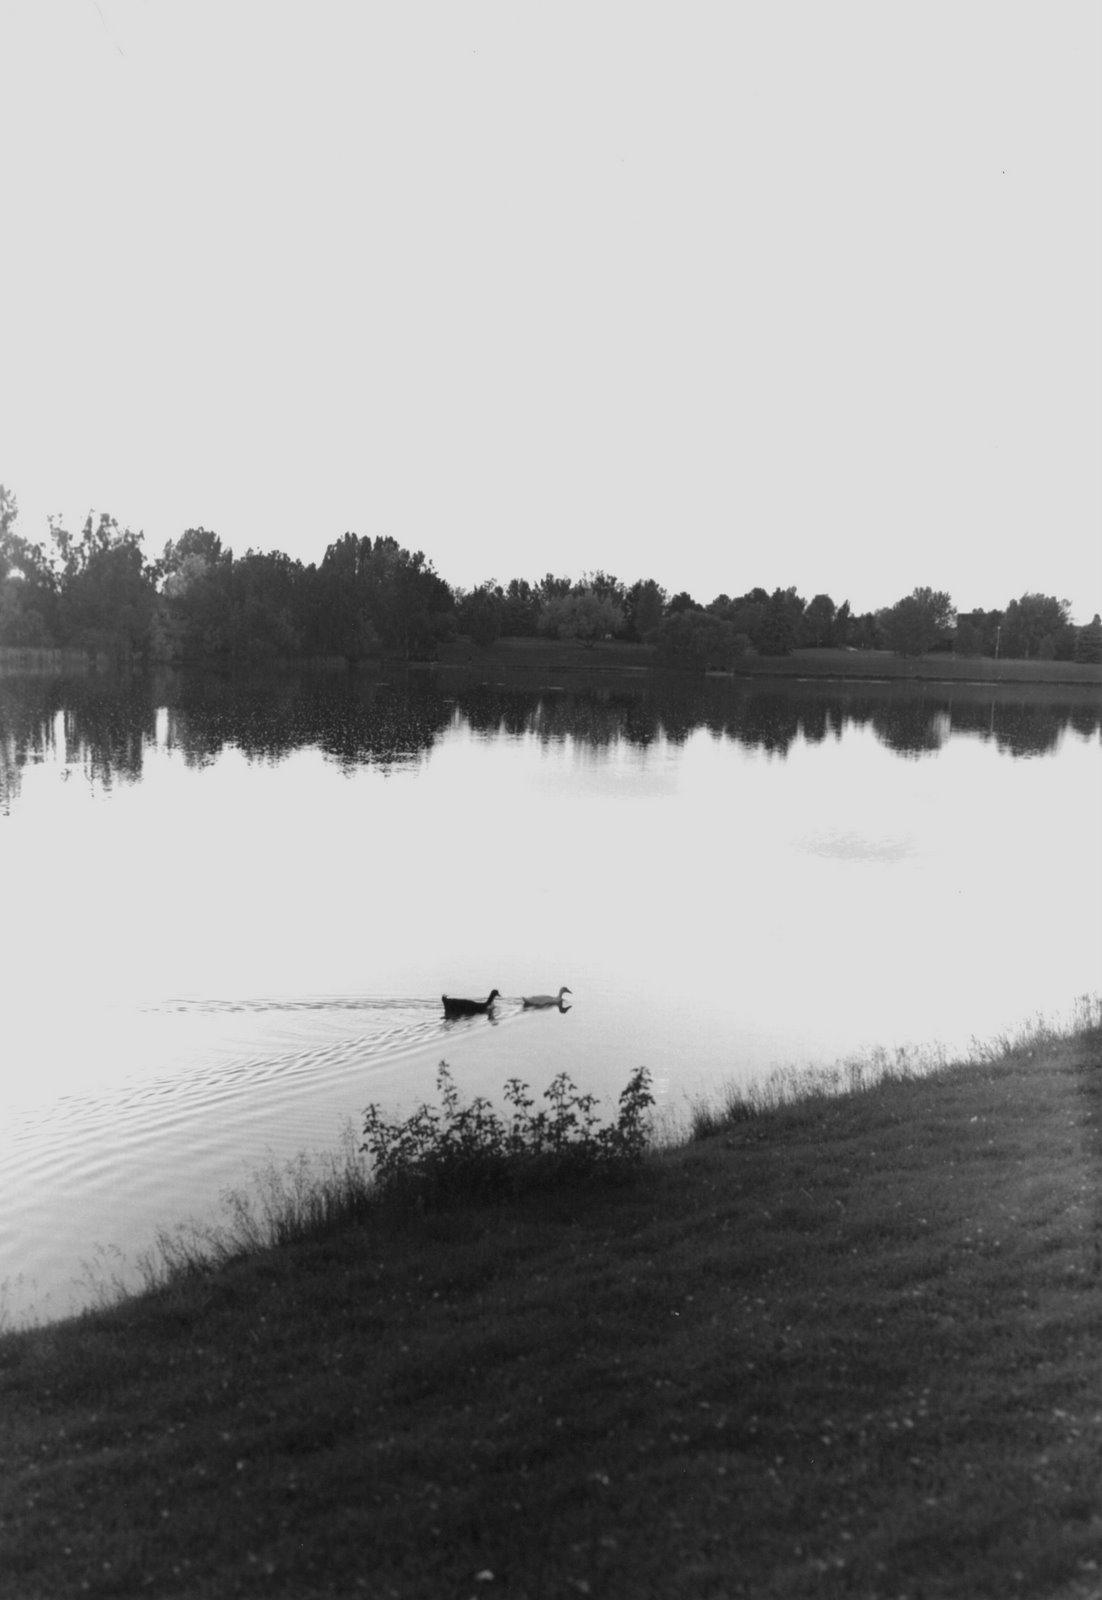 [ducks.jpg]